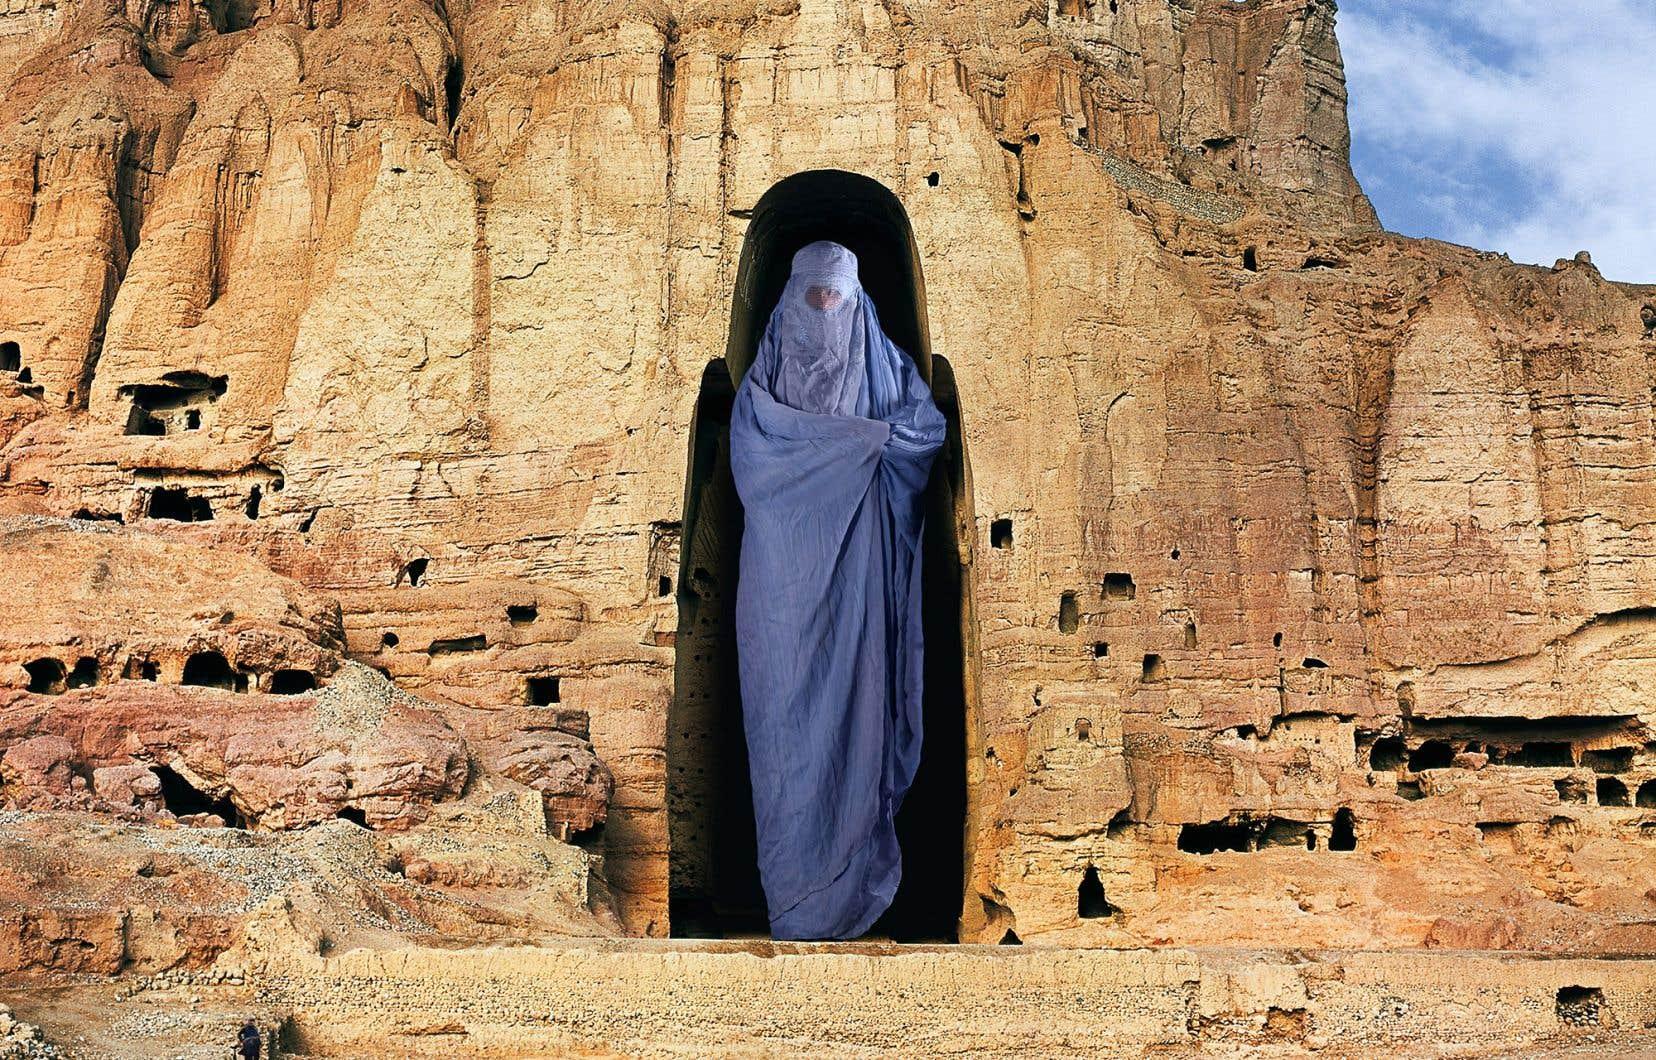 Le premier Émirat islamique d'Afghanistan a détruit en 2001 les bouddhas géants de Bâmiyân. À l'aide d'un montage photographique, l'artiste montréalaise Dominique Blain a encastré une femme en burqa dans la falaise où se trouvait l'une de ces statues, dénonçant ainsi le sort que les talibans ont réservé aux Afghanes.